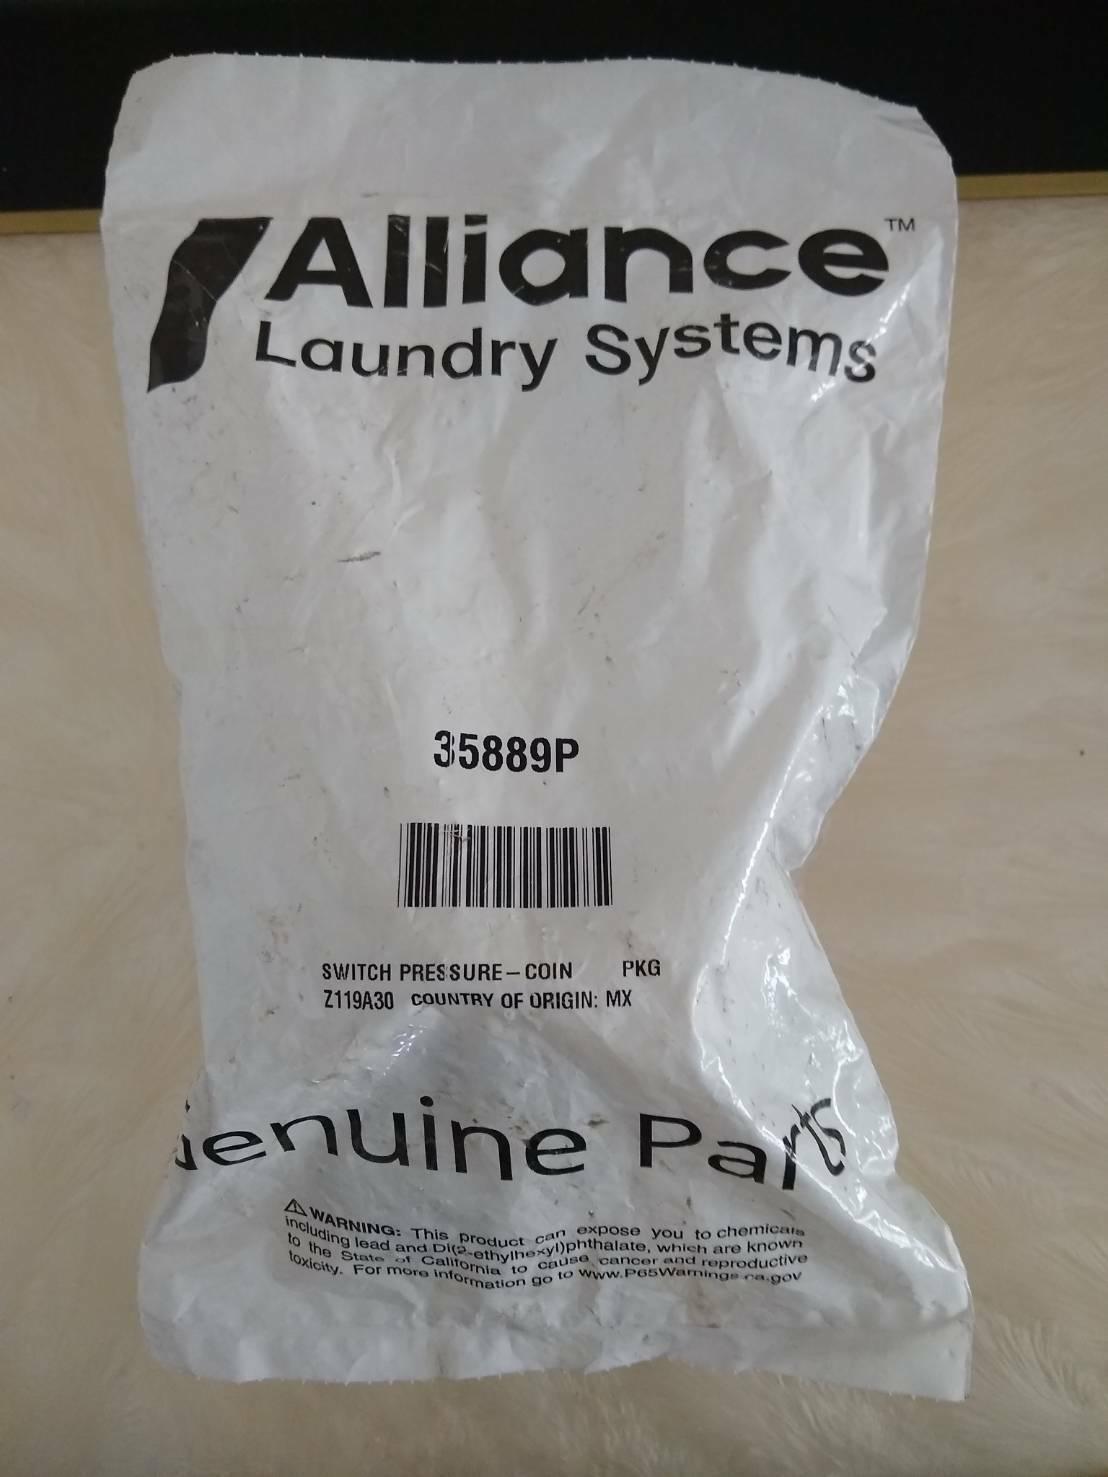 Speed Queen Alliance 35889P Washer Pressure Switch - $28.99